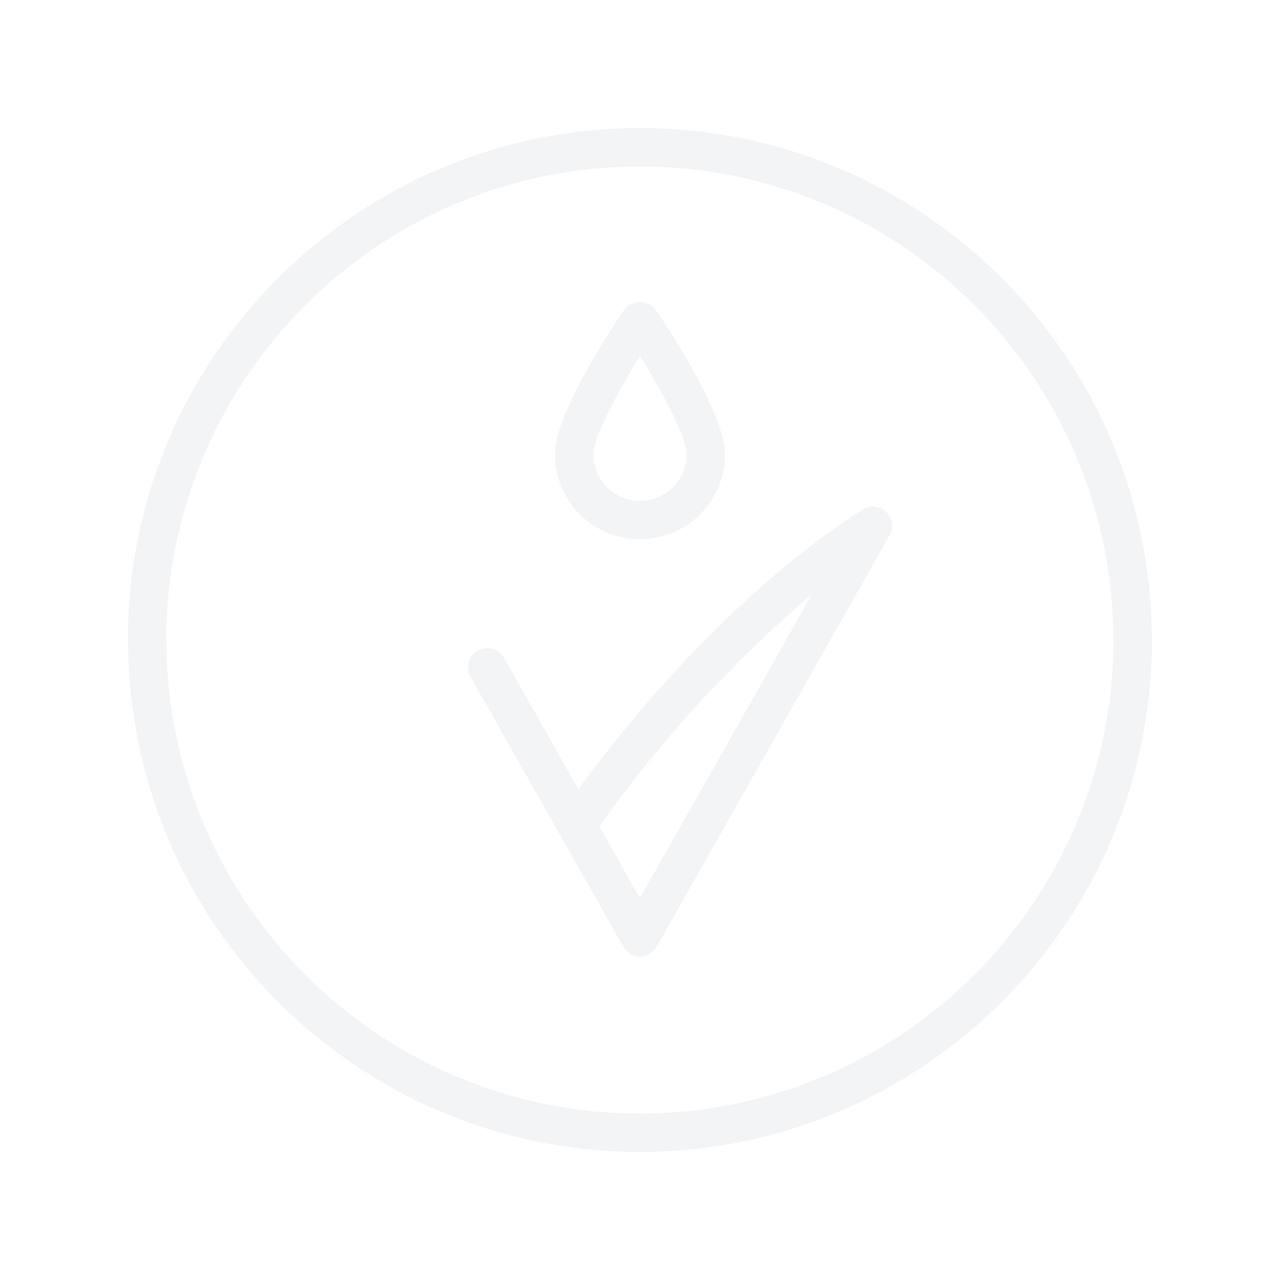 HOLIKA HOLIKA Prime Youth Black Sea Cucumber Sheet Mask 25g